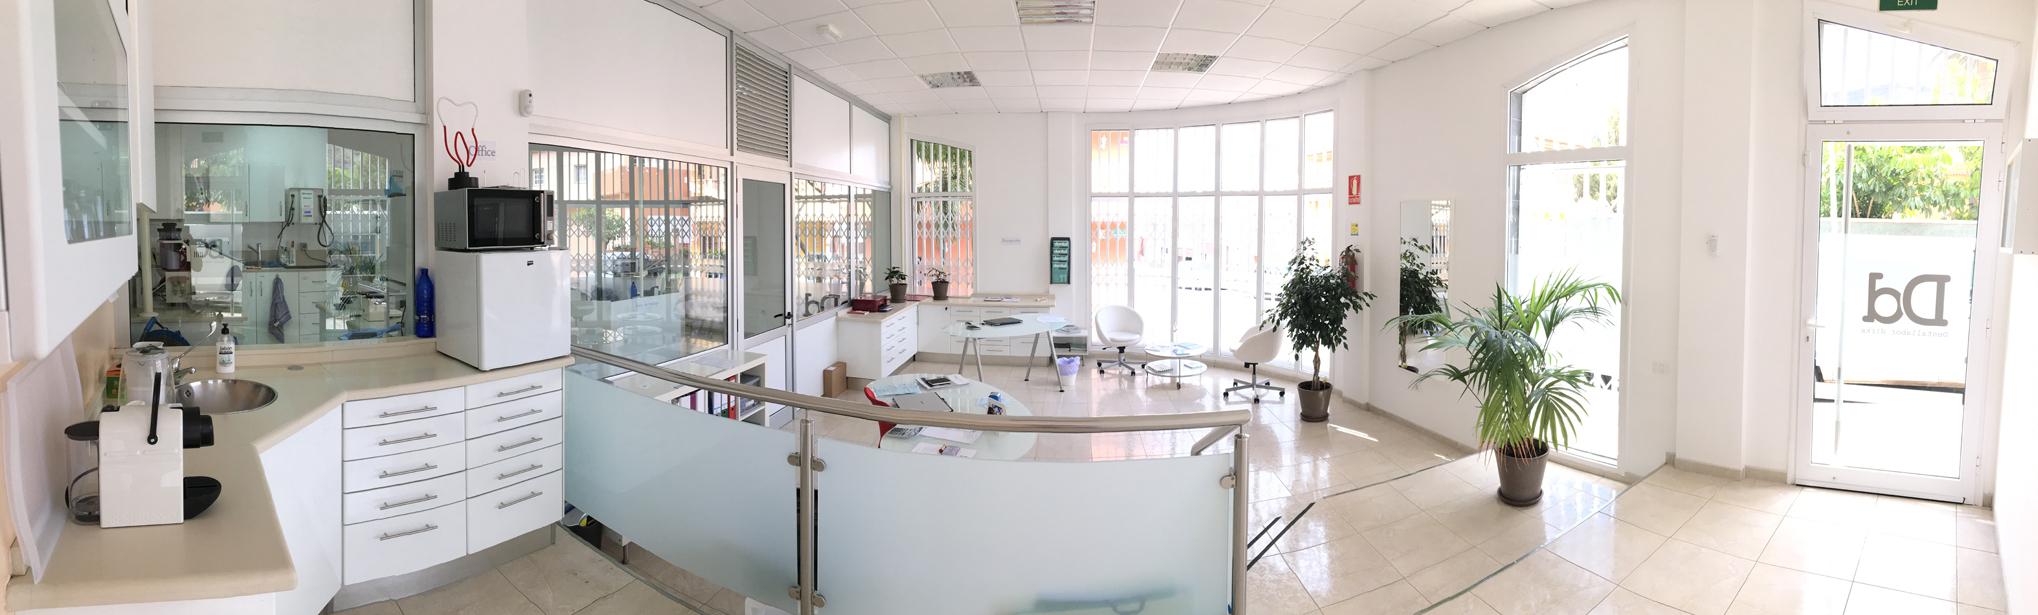 Interior de nuestro laboratorio dental